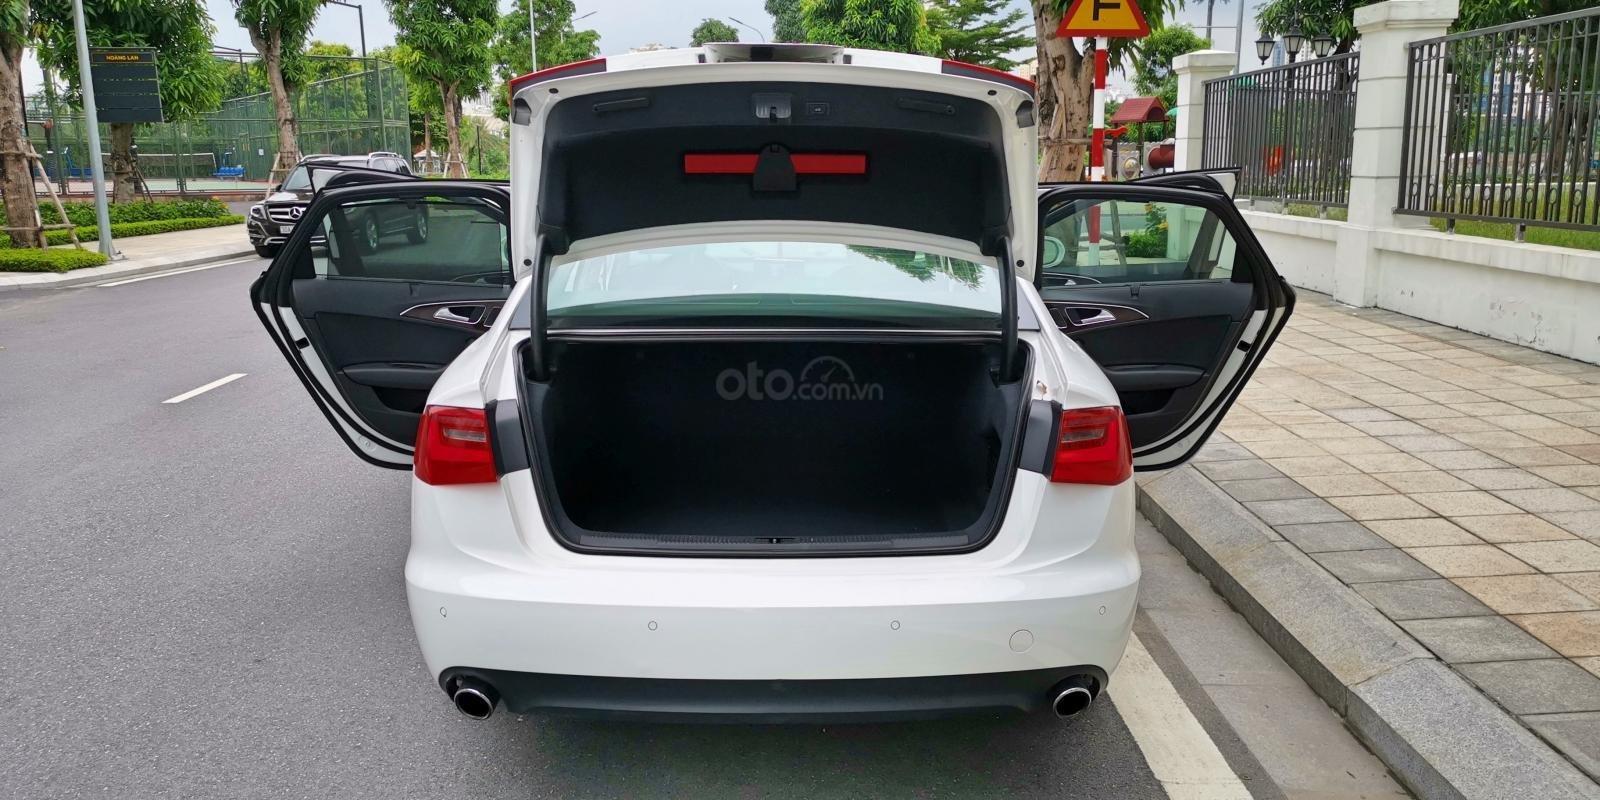 Cần bán lại xe Audi A6 đời 2013, màu trắng, nhập khẩu (7)